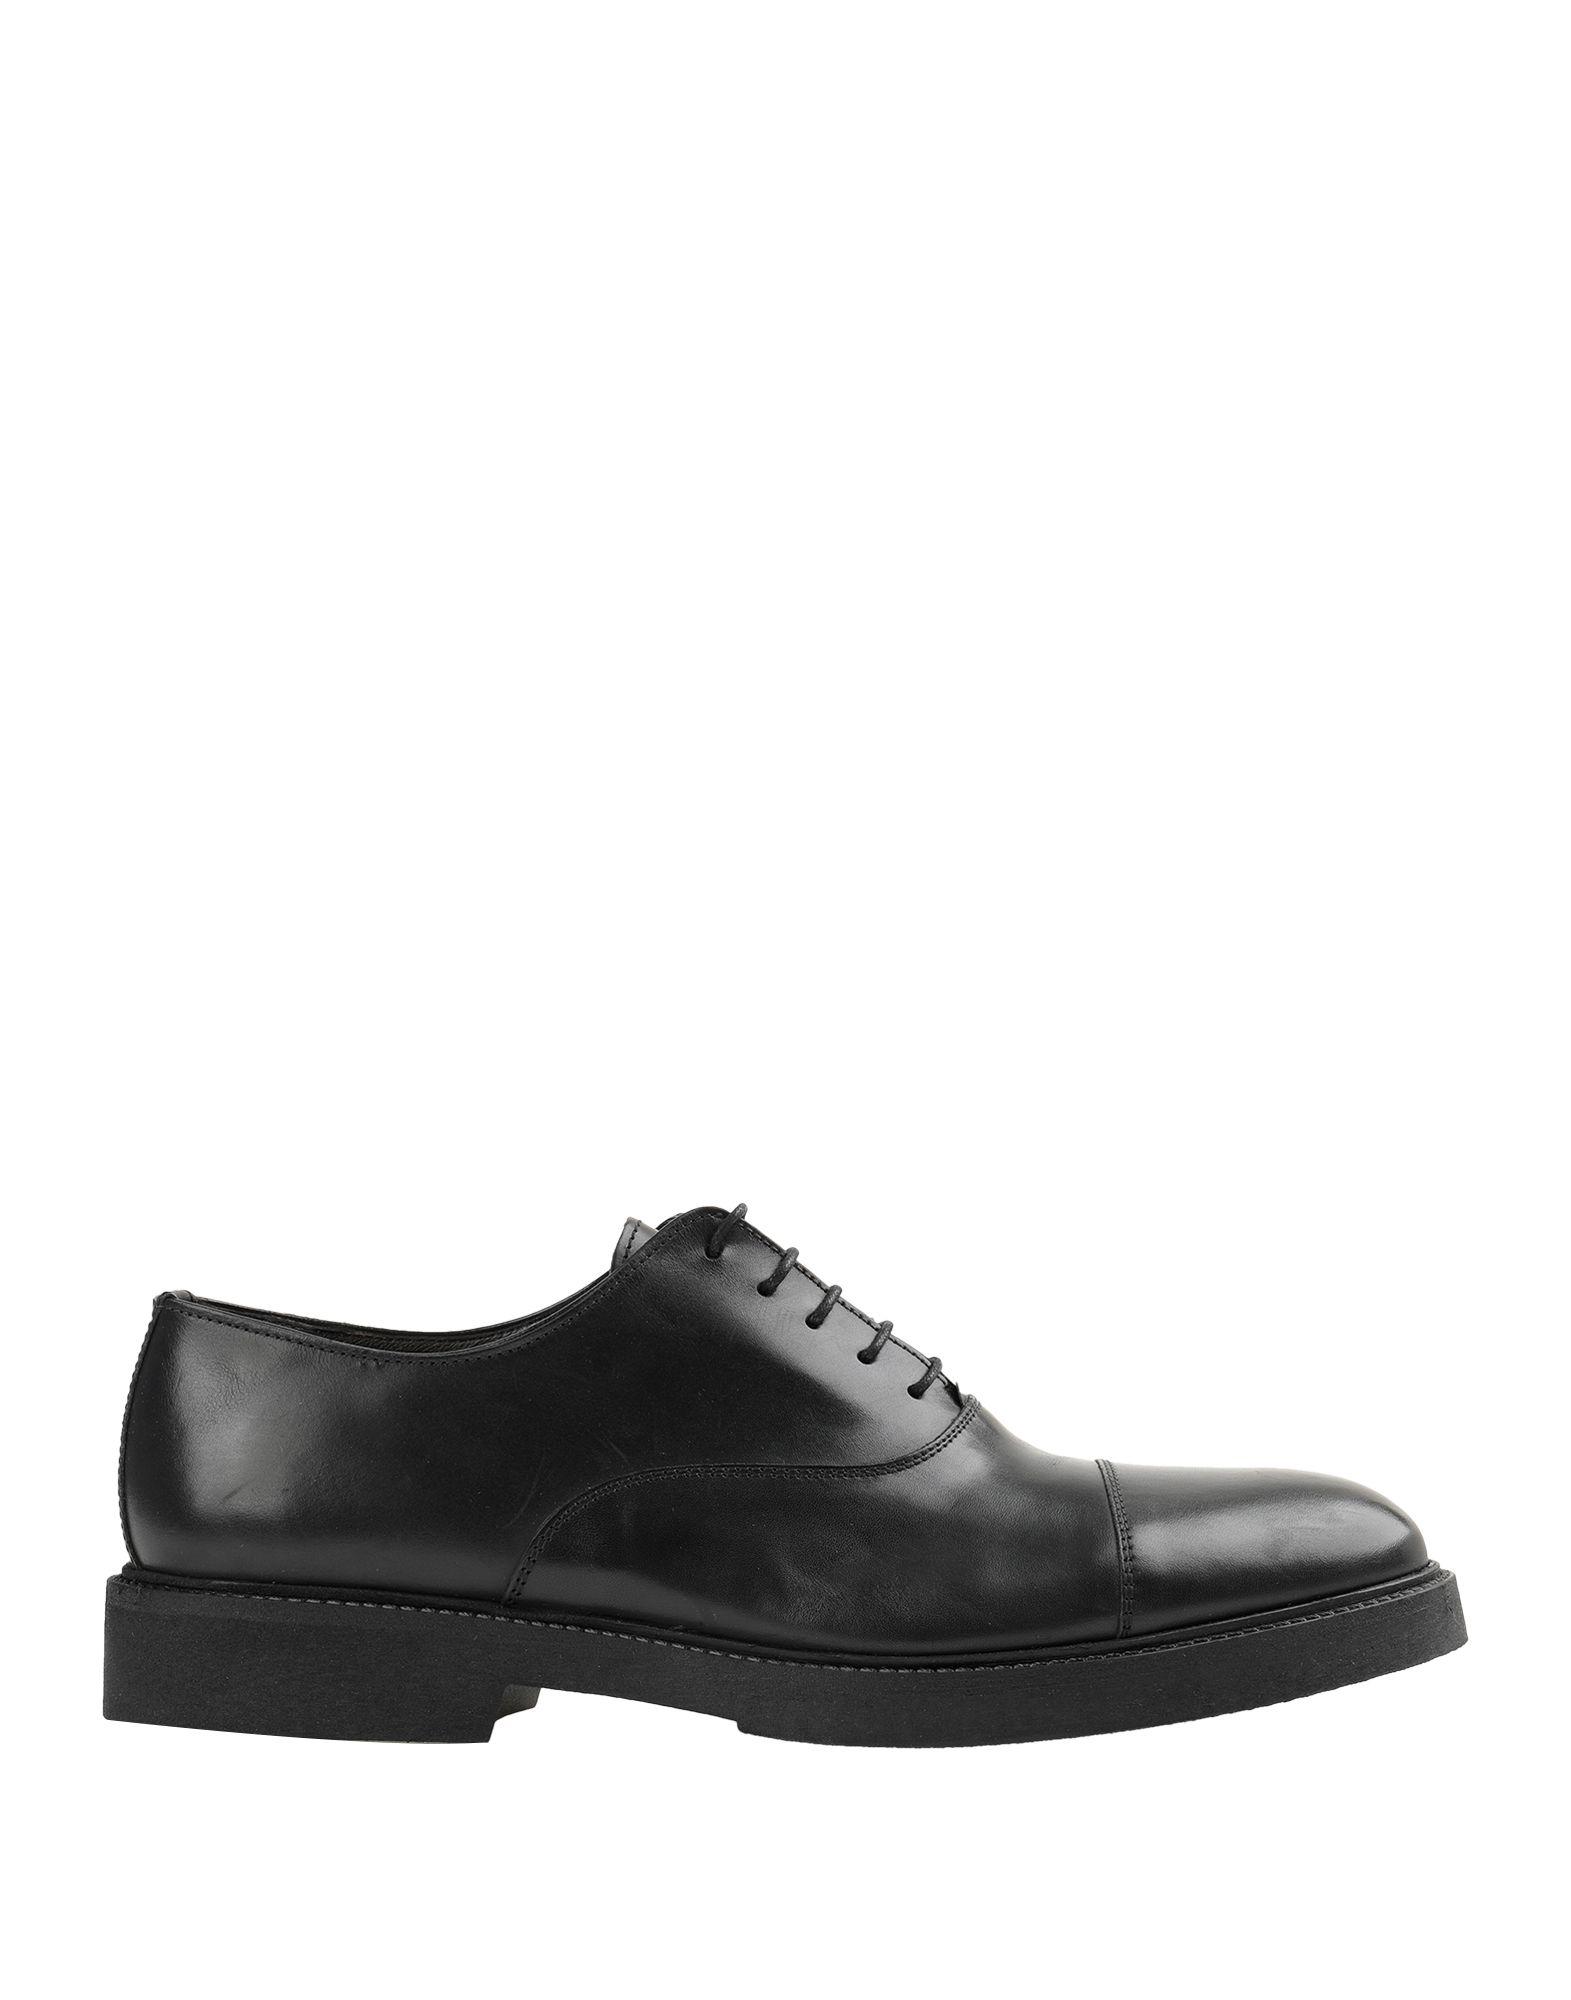 Фото - D'74 Обувь на шнурках d 74 sy2 b black